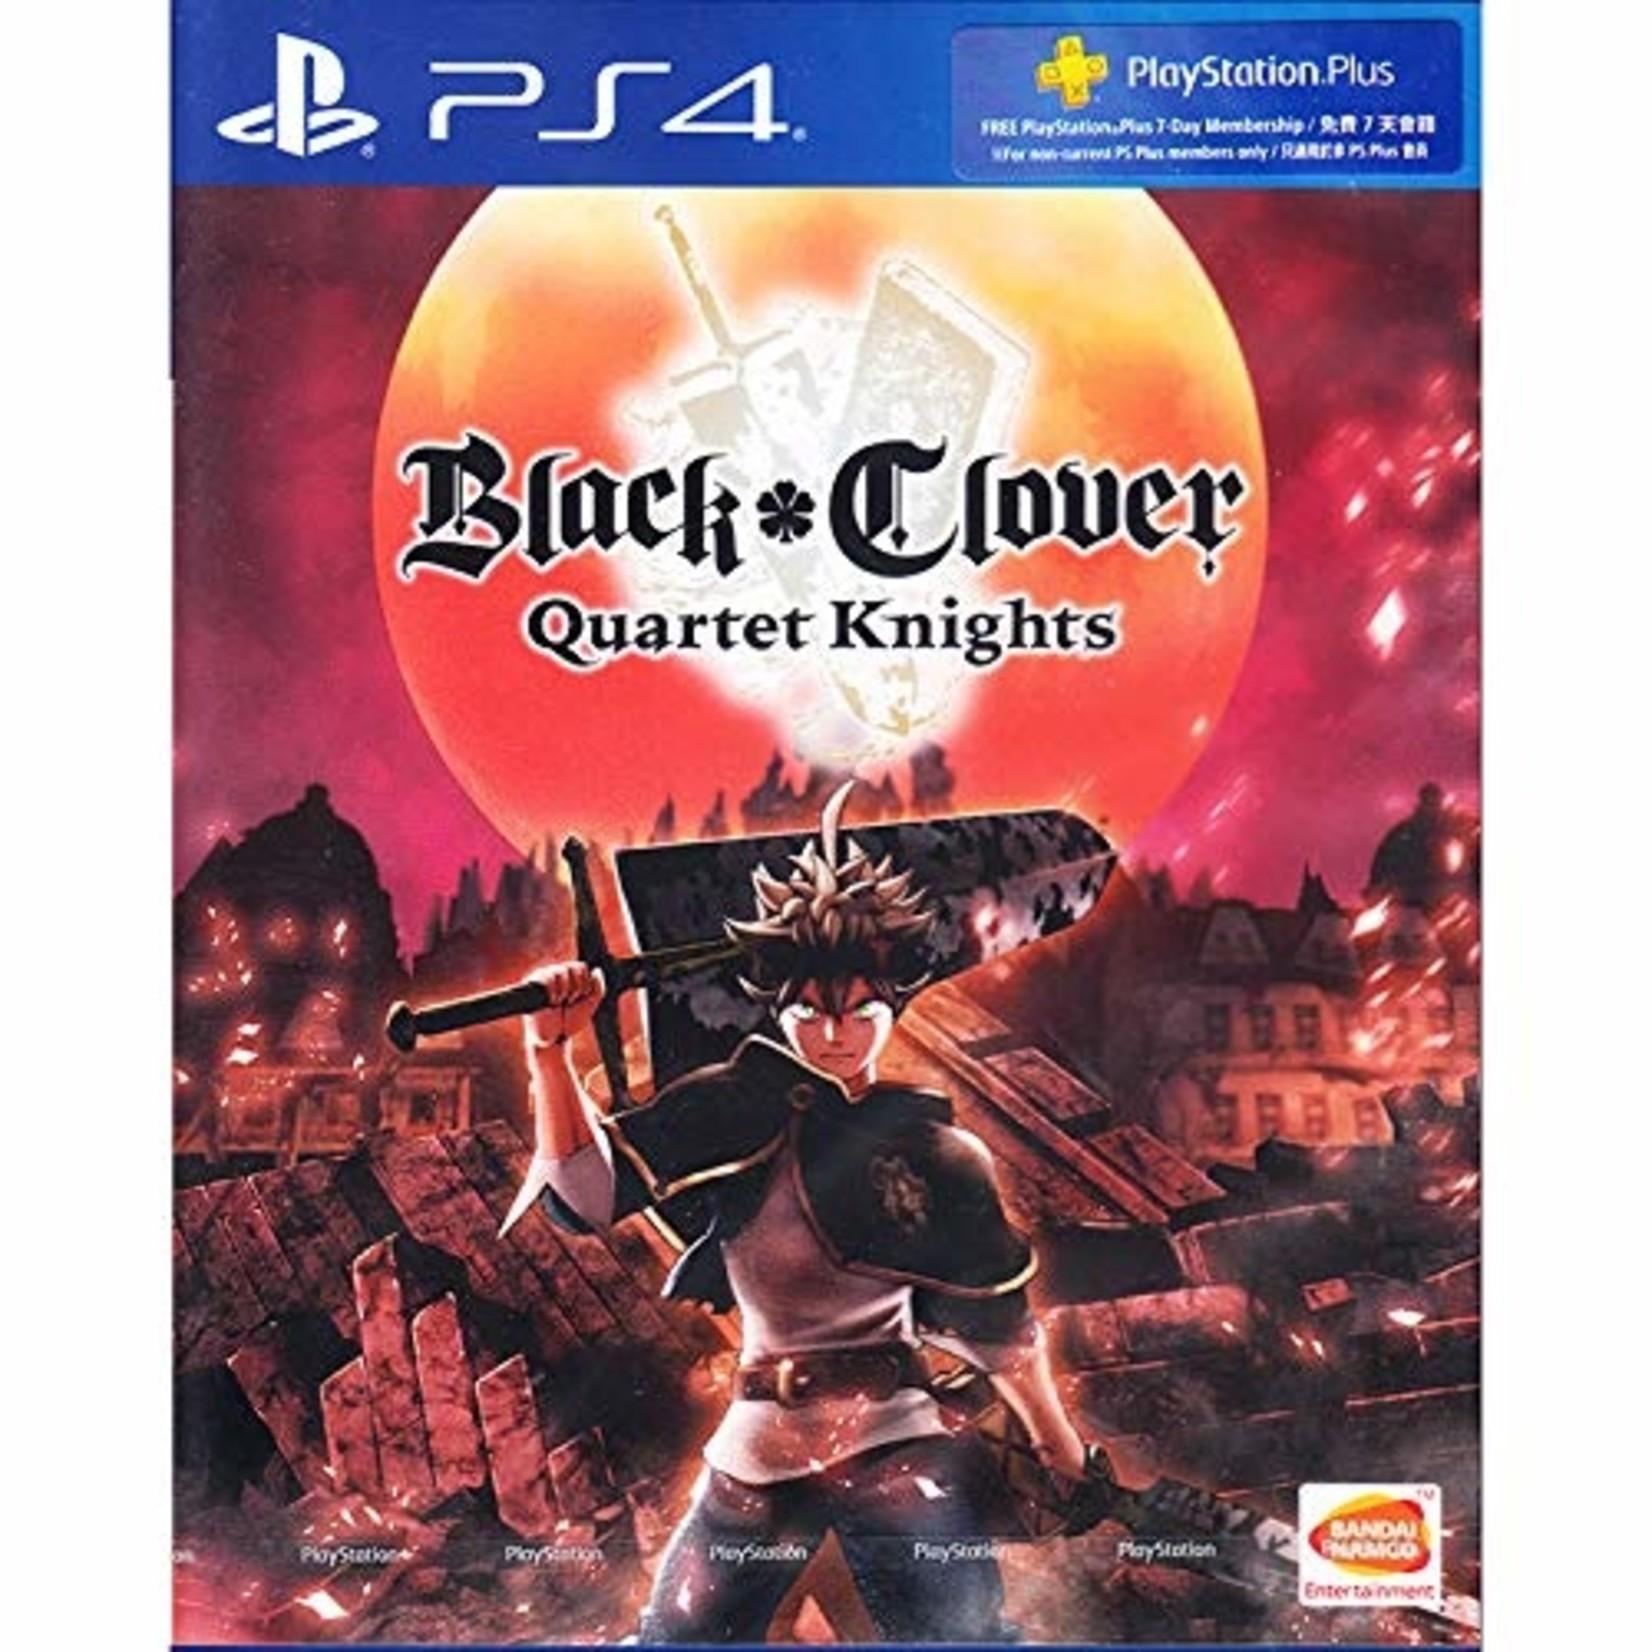 PS4:Black Clover: Quartet Knights